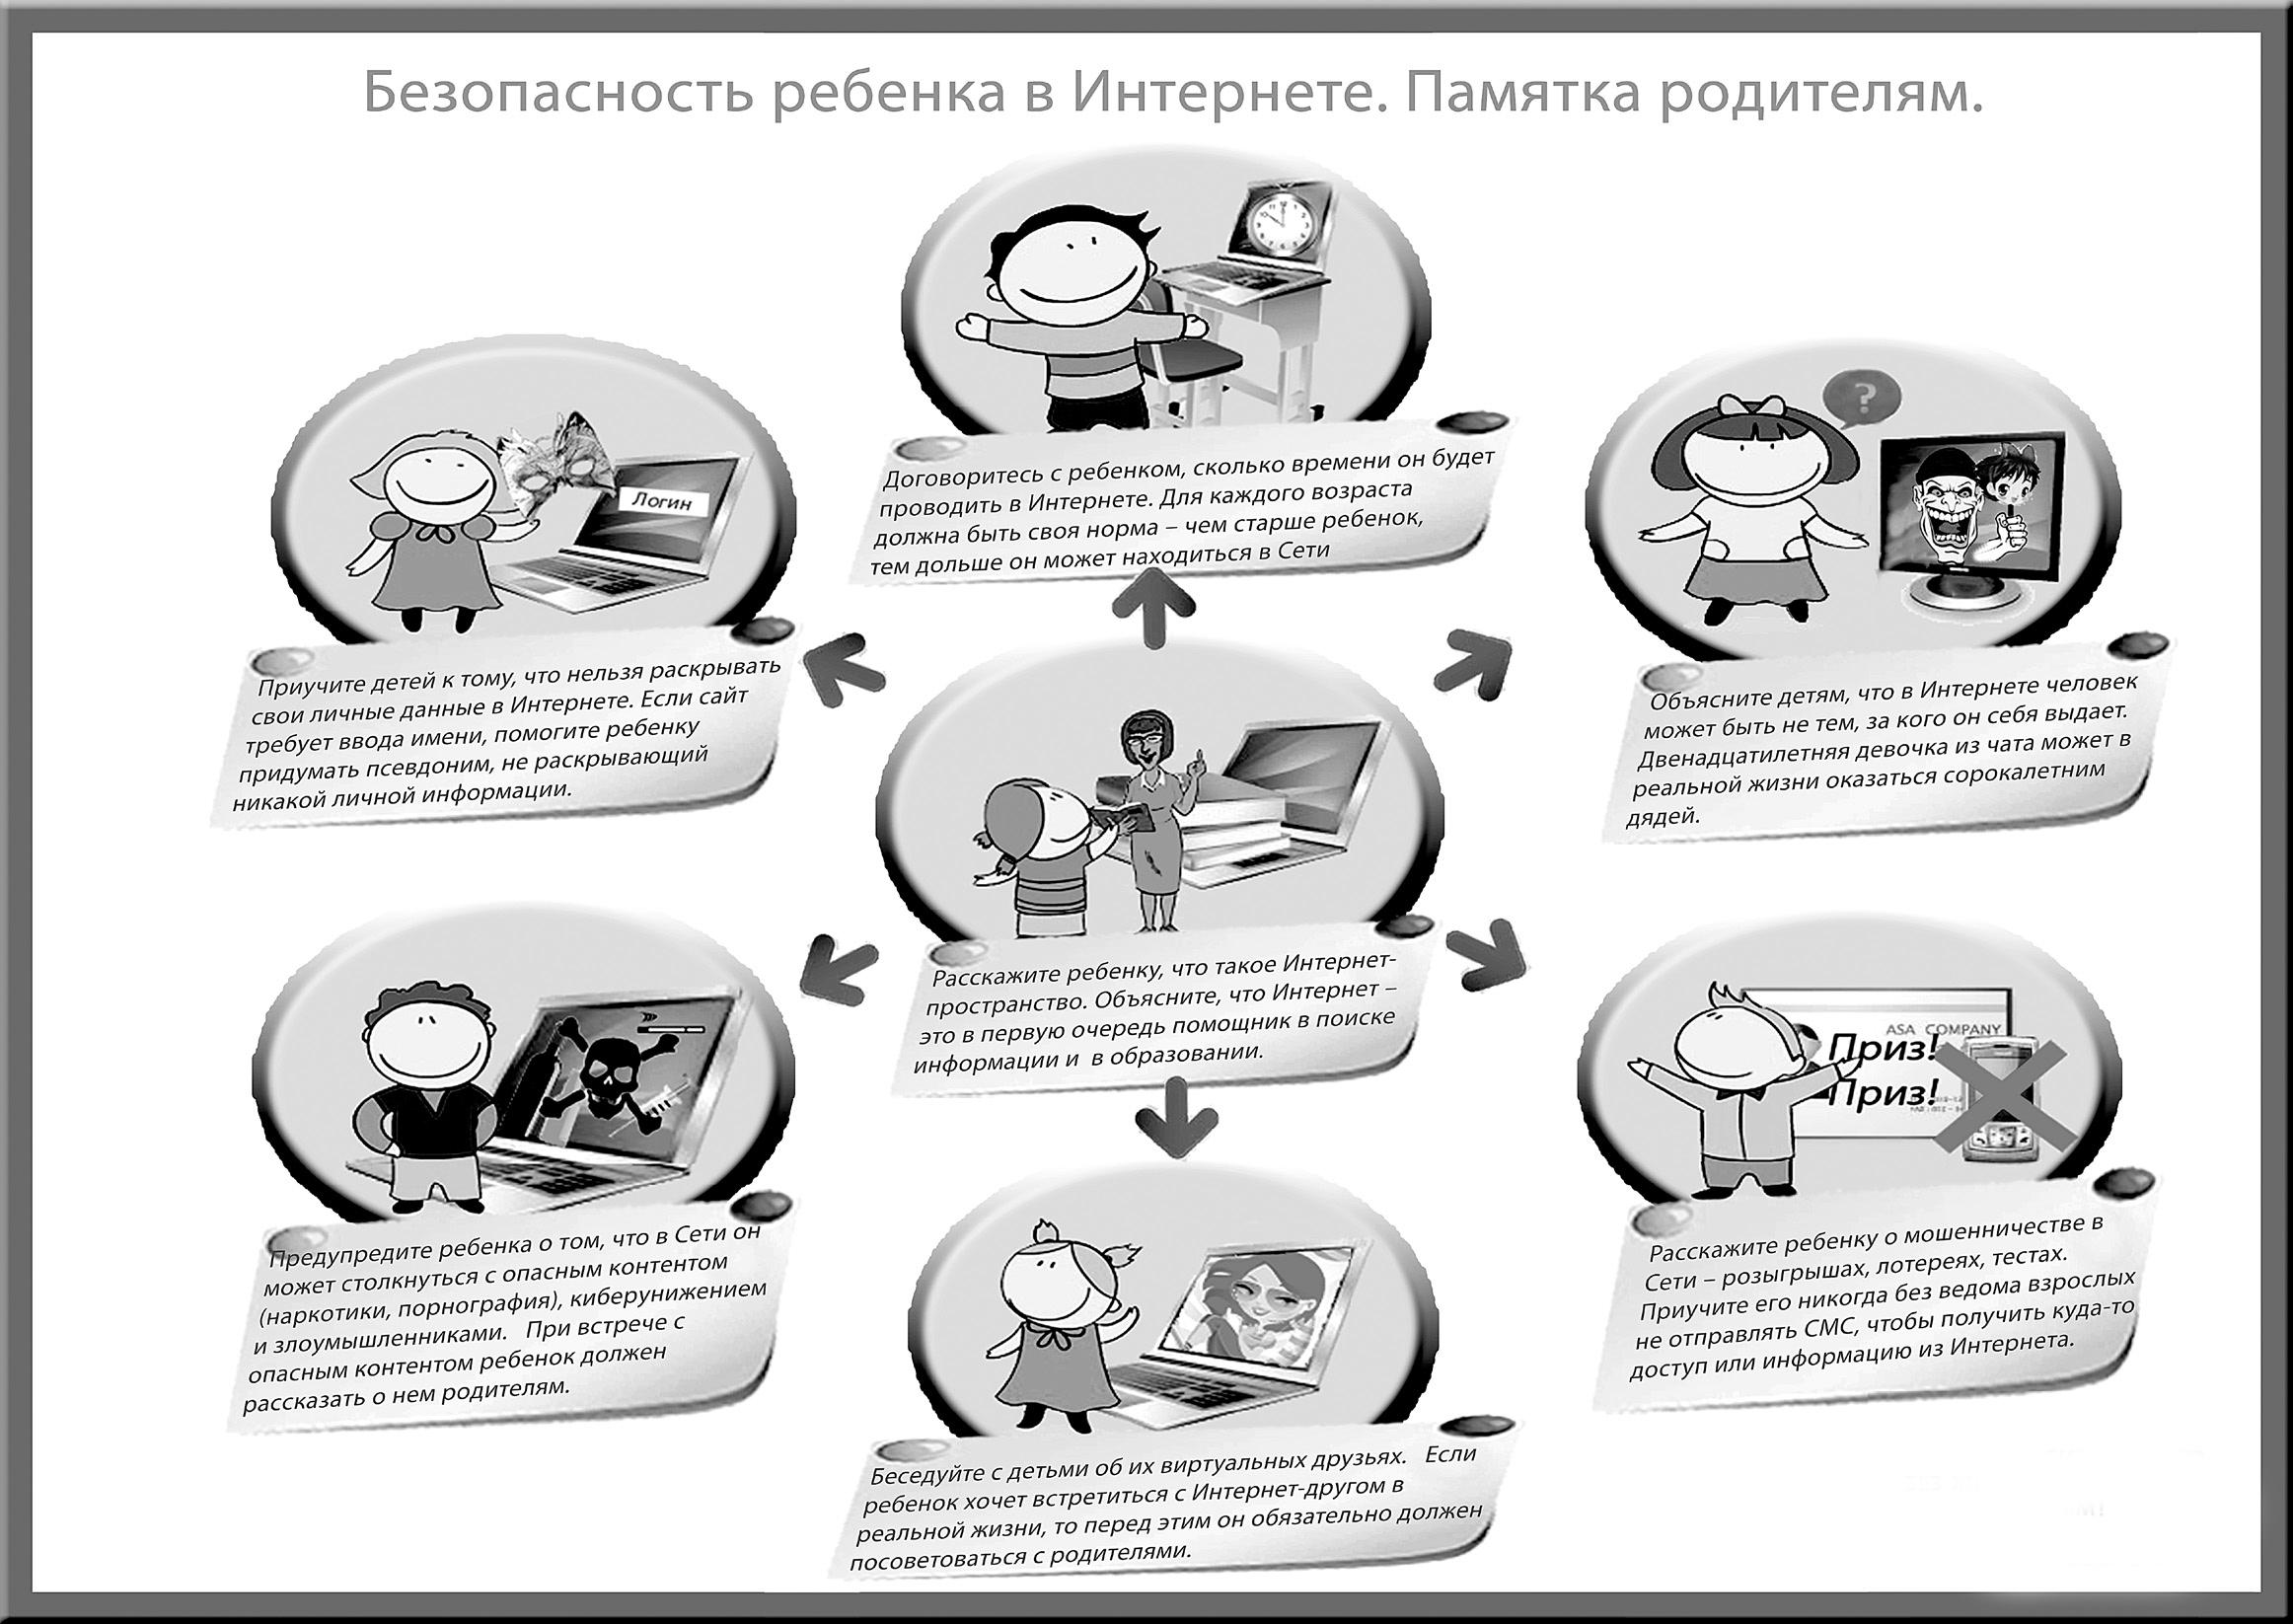 http://kak.znate.ru/pars_docs/refs/6/5669/5669-11_4.jpg